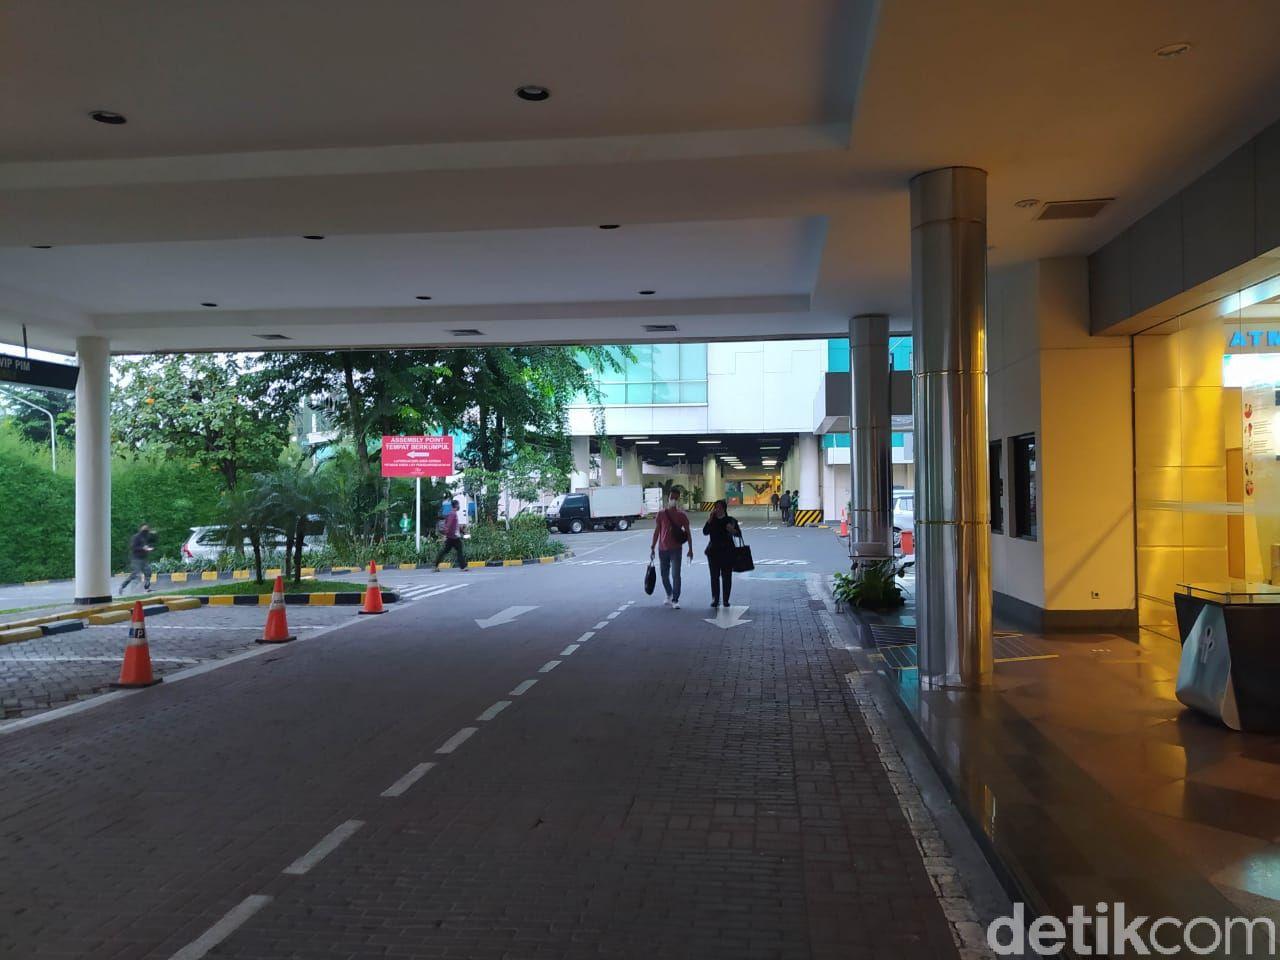 Pondok Indah Mal tutup saat PPKM Darurat, pantauan 3 Juli 2021. (Adhyasta Dirgantara/detikcom)